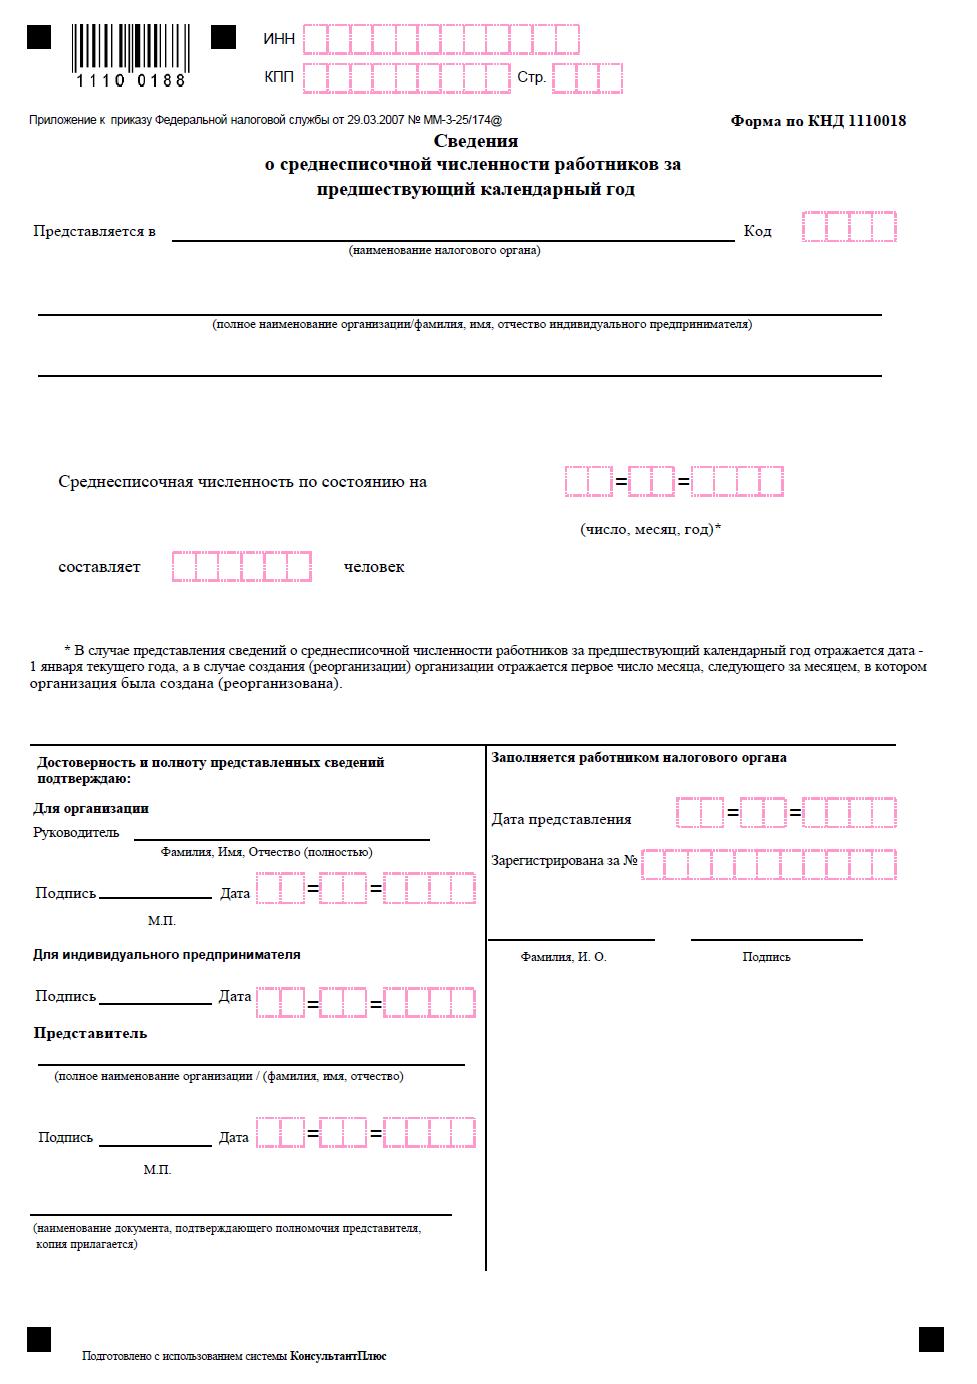 Регистрация ооо среднесписочная численность работников что необходимо для открытия и регистрации ооо